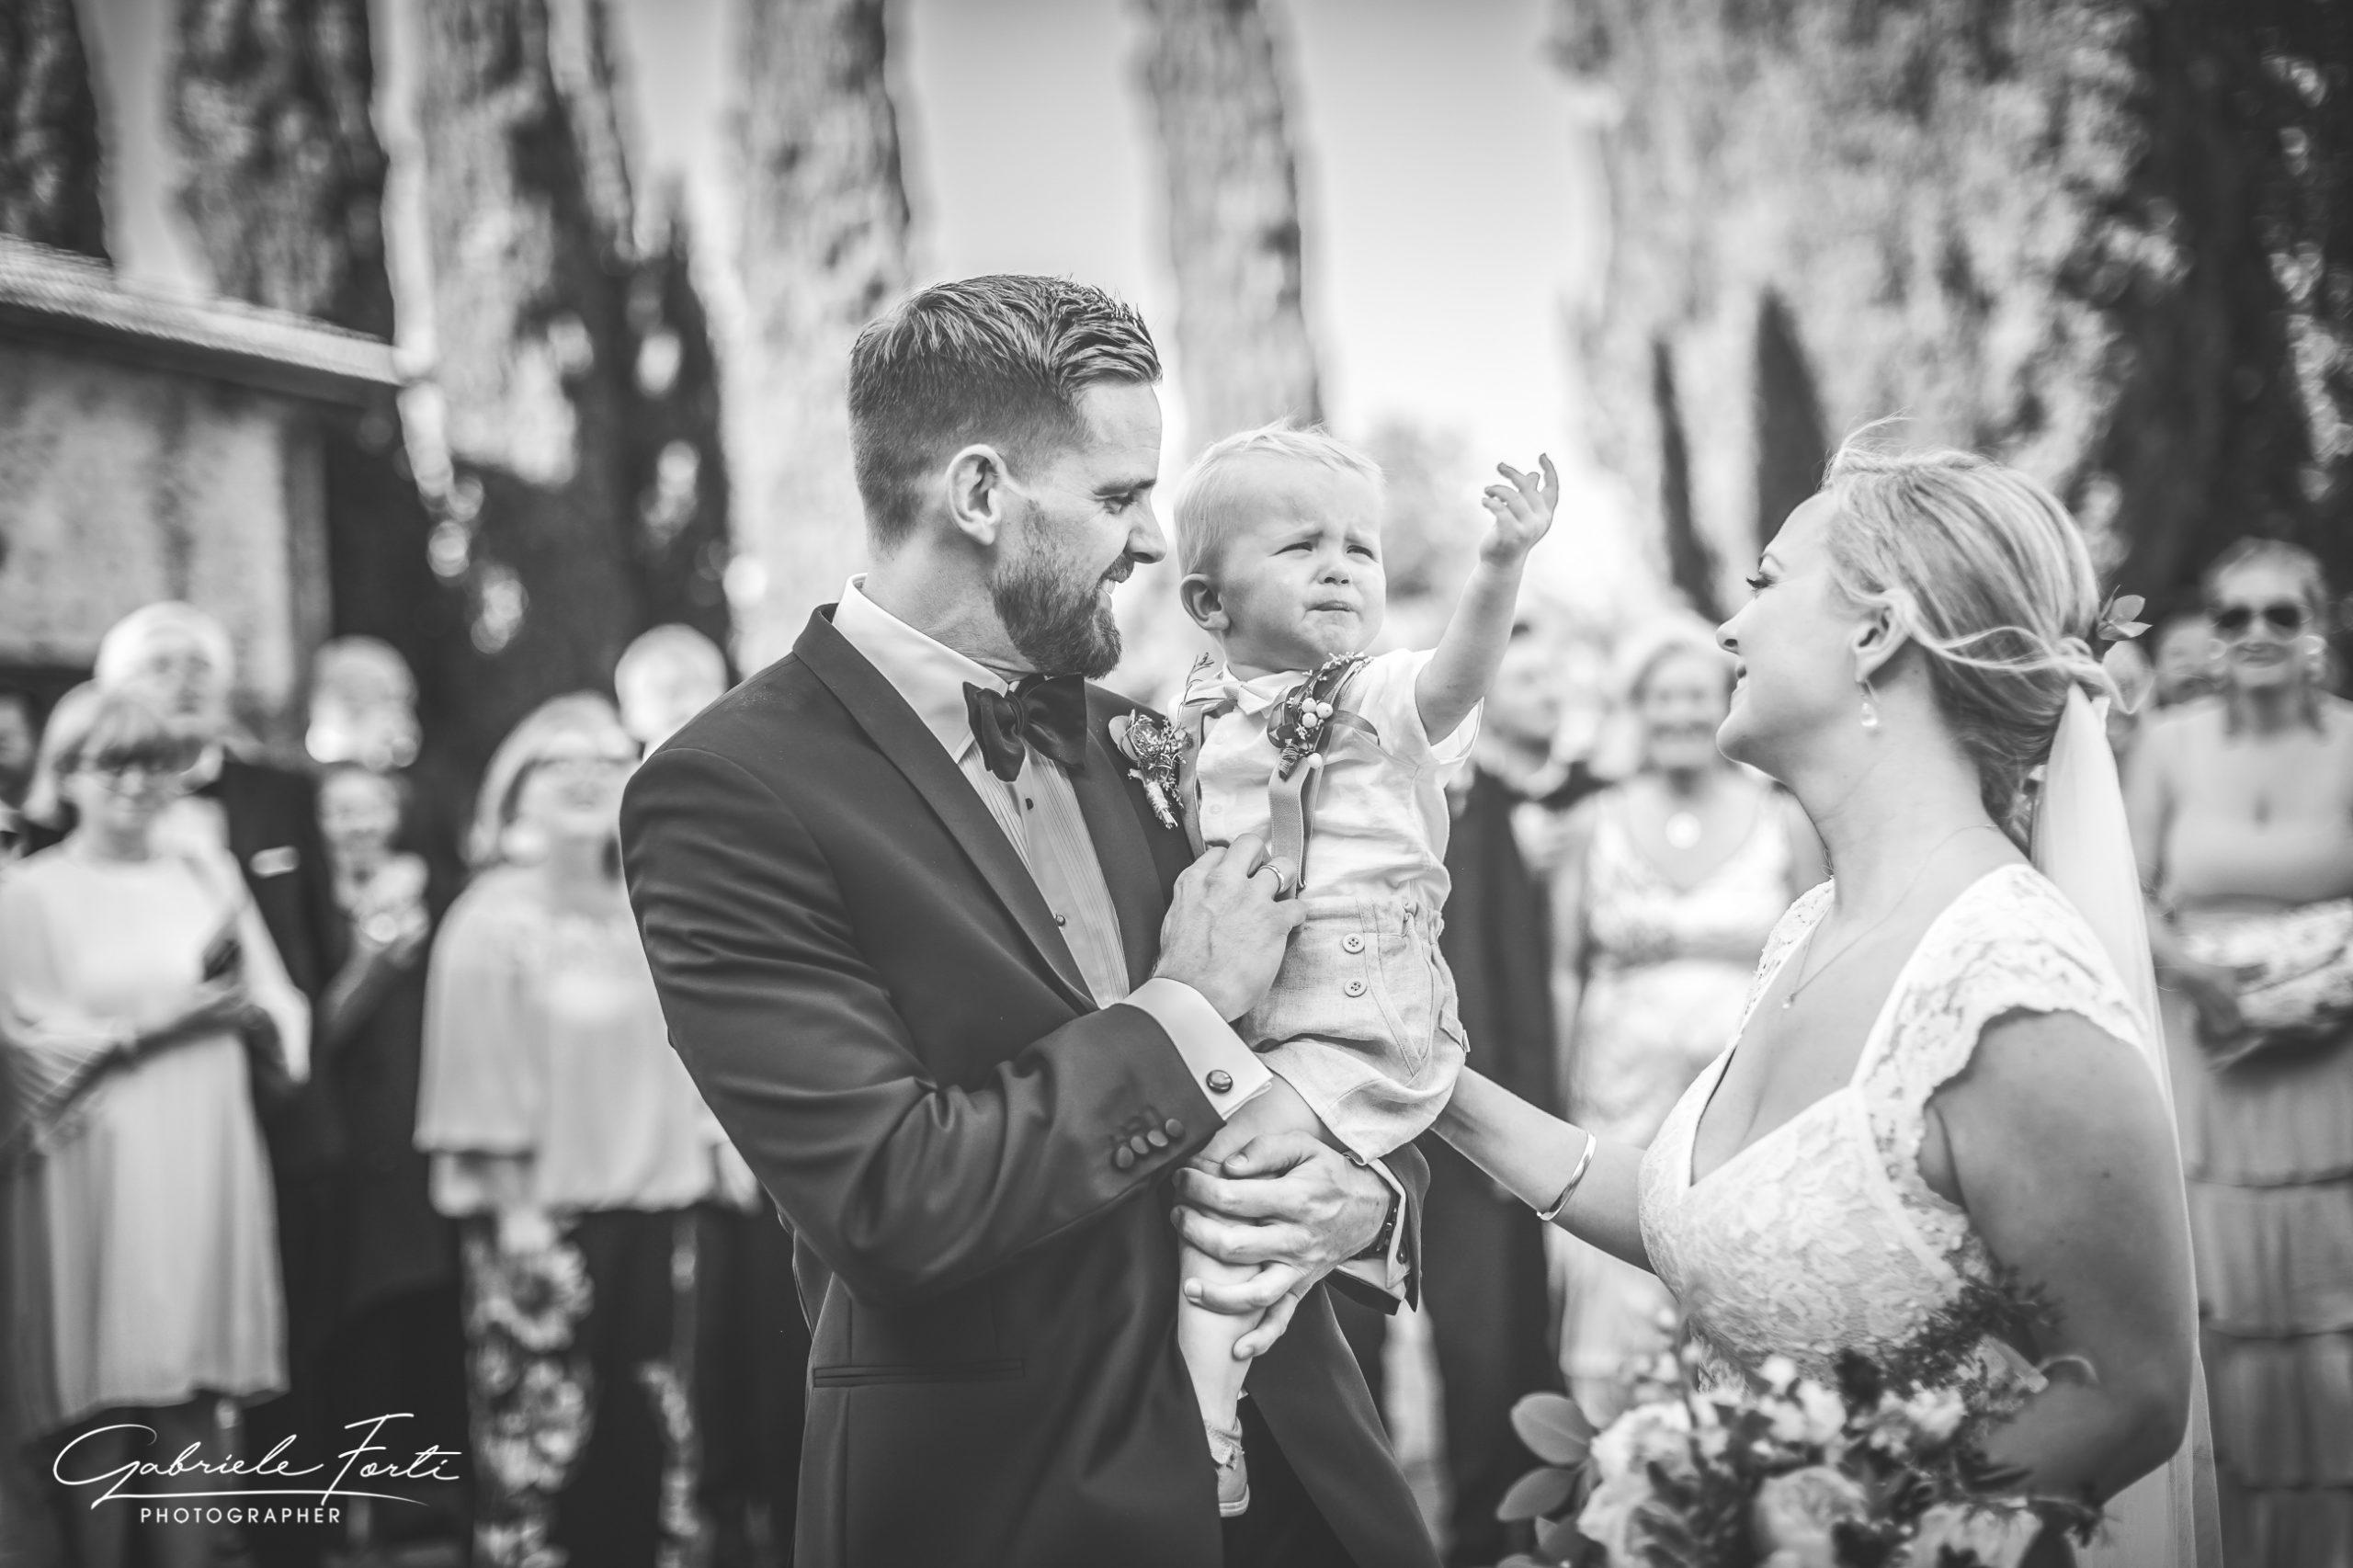 Wedding-tuscany-italy-siena-firenze-photographer-foto-forti-gabriele-2